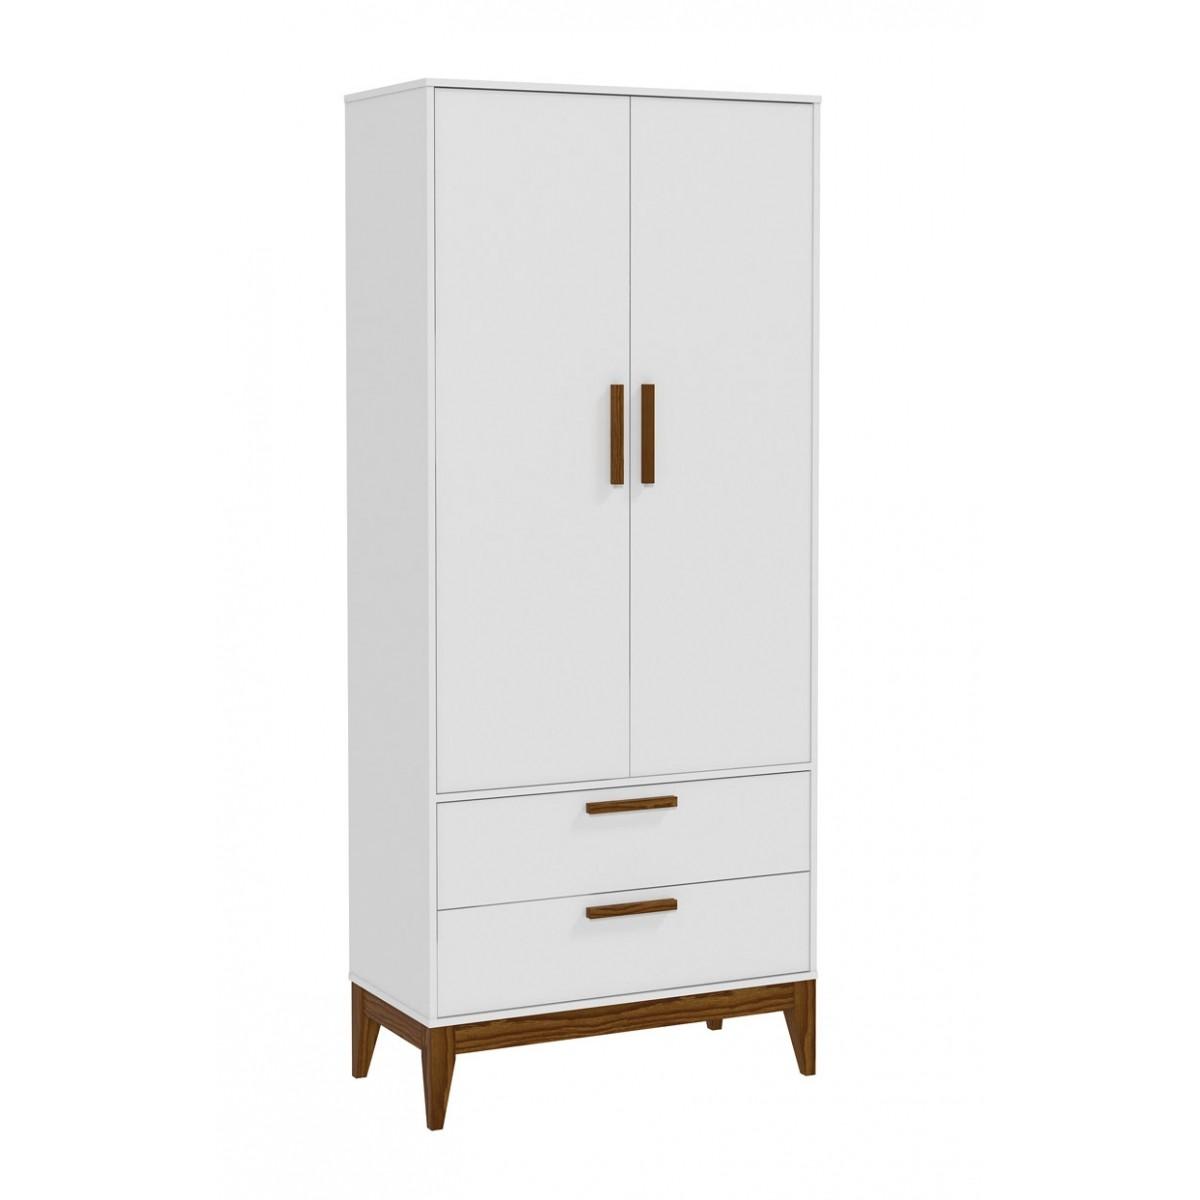 Guarda-Roupa Nature 2 Portas Branco Fosco com Eco Wood - Matic Móveis  - MoveisAqui - Loja de móveis online!